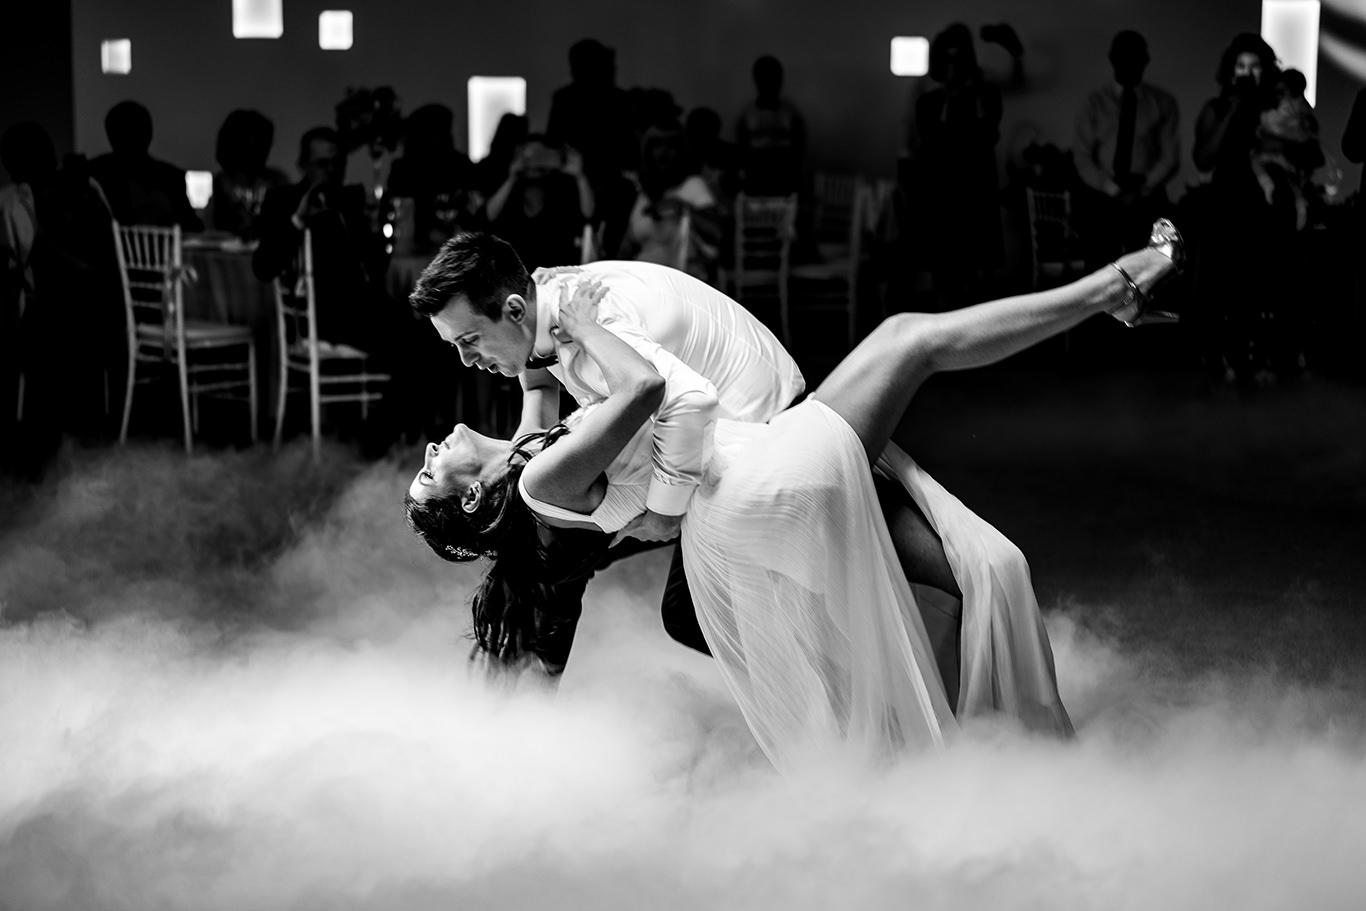 Dansul mirilor la Vivolis Events - fotograf Ciprian Dumitrescu